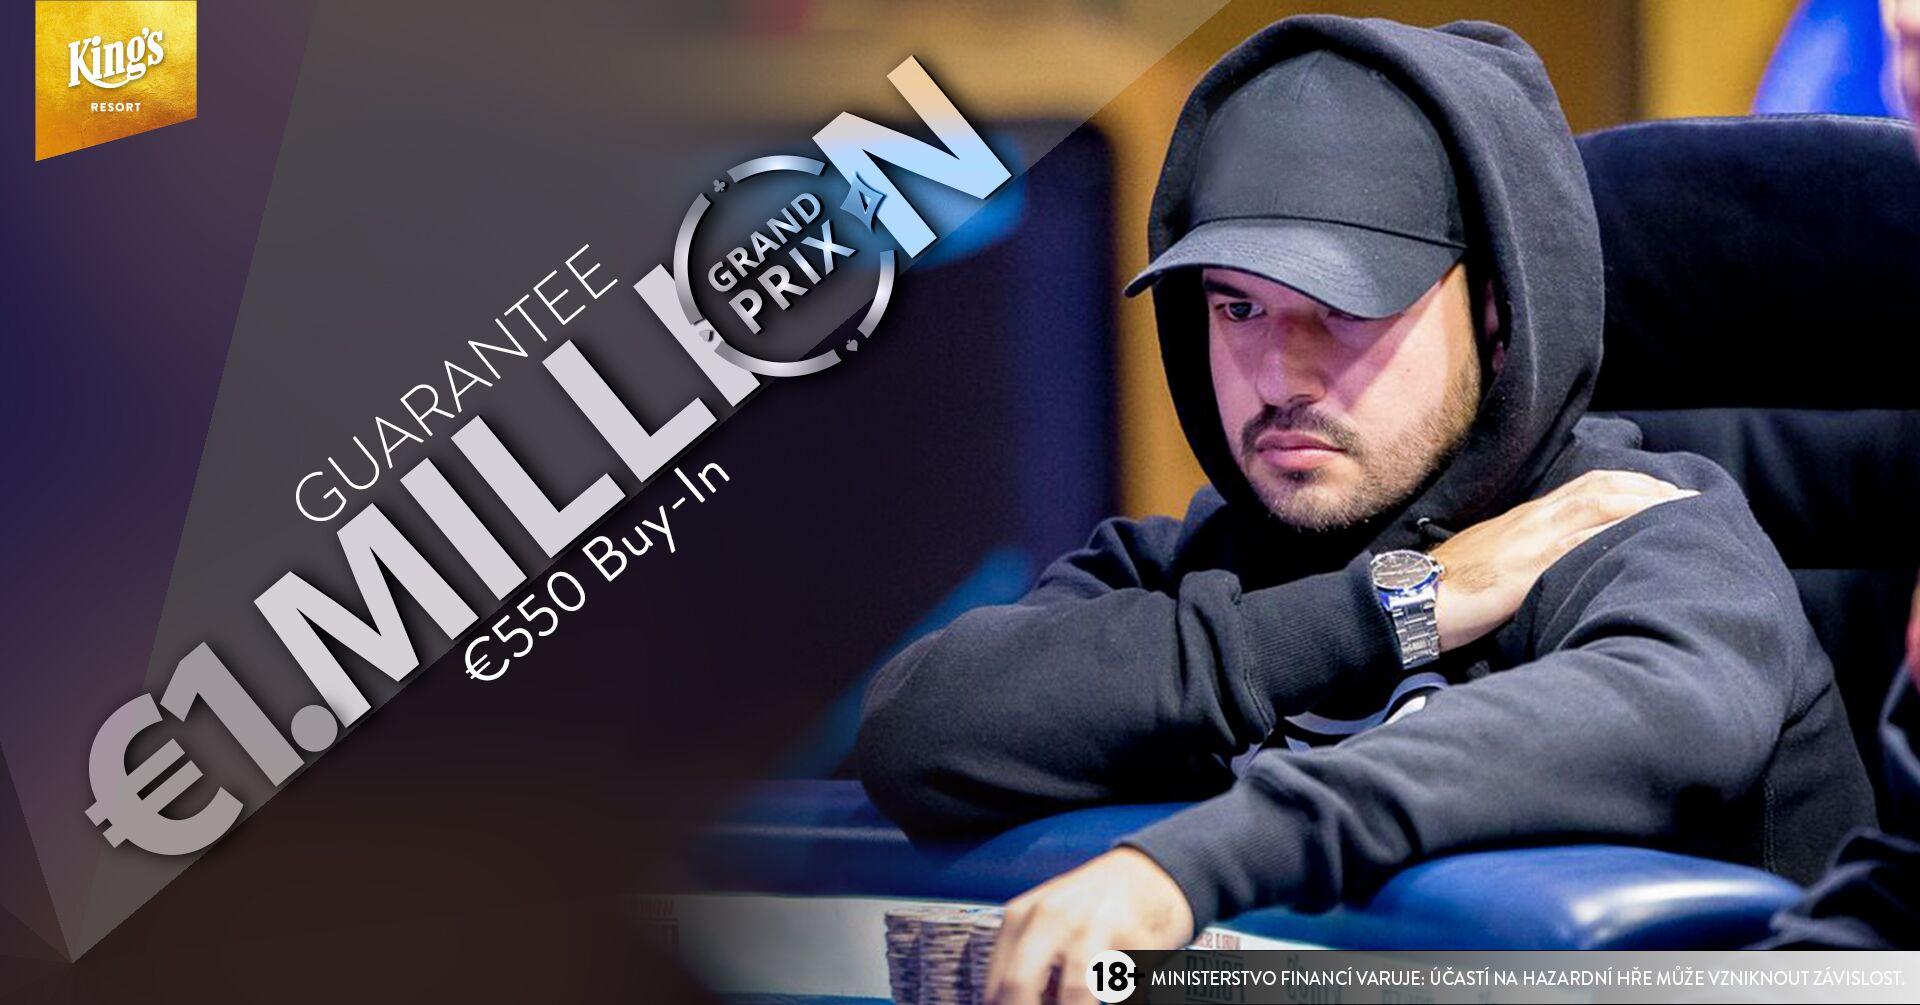 €550 partypoker Grand Prix Million King's o€1,000,000 vhotovosti adalších €103,500 ve vstupenkách